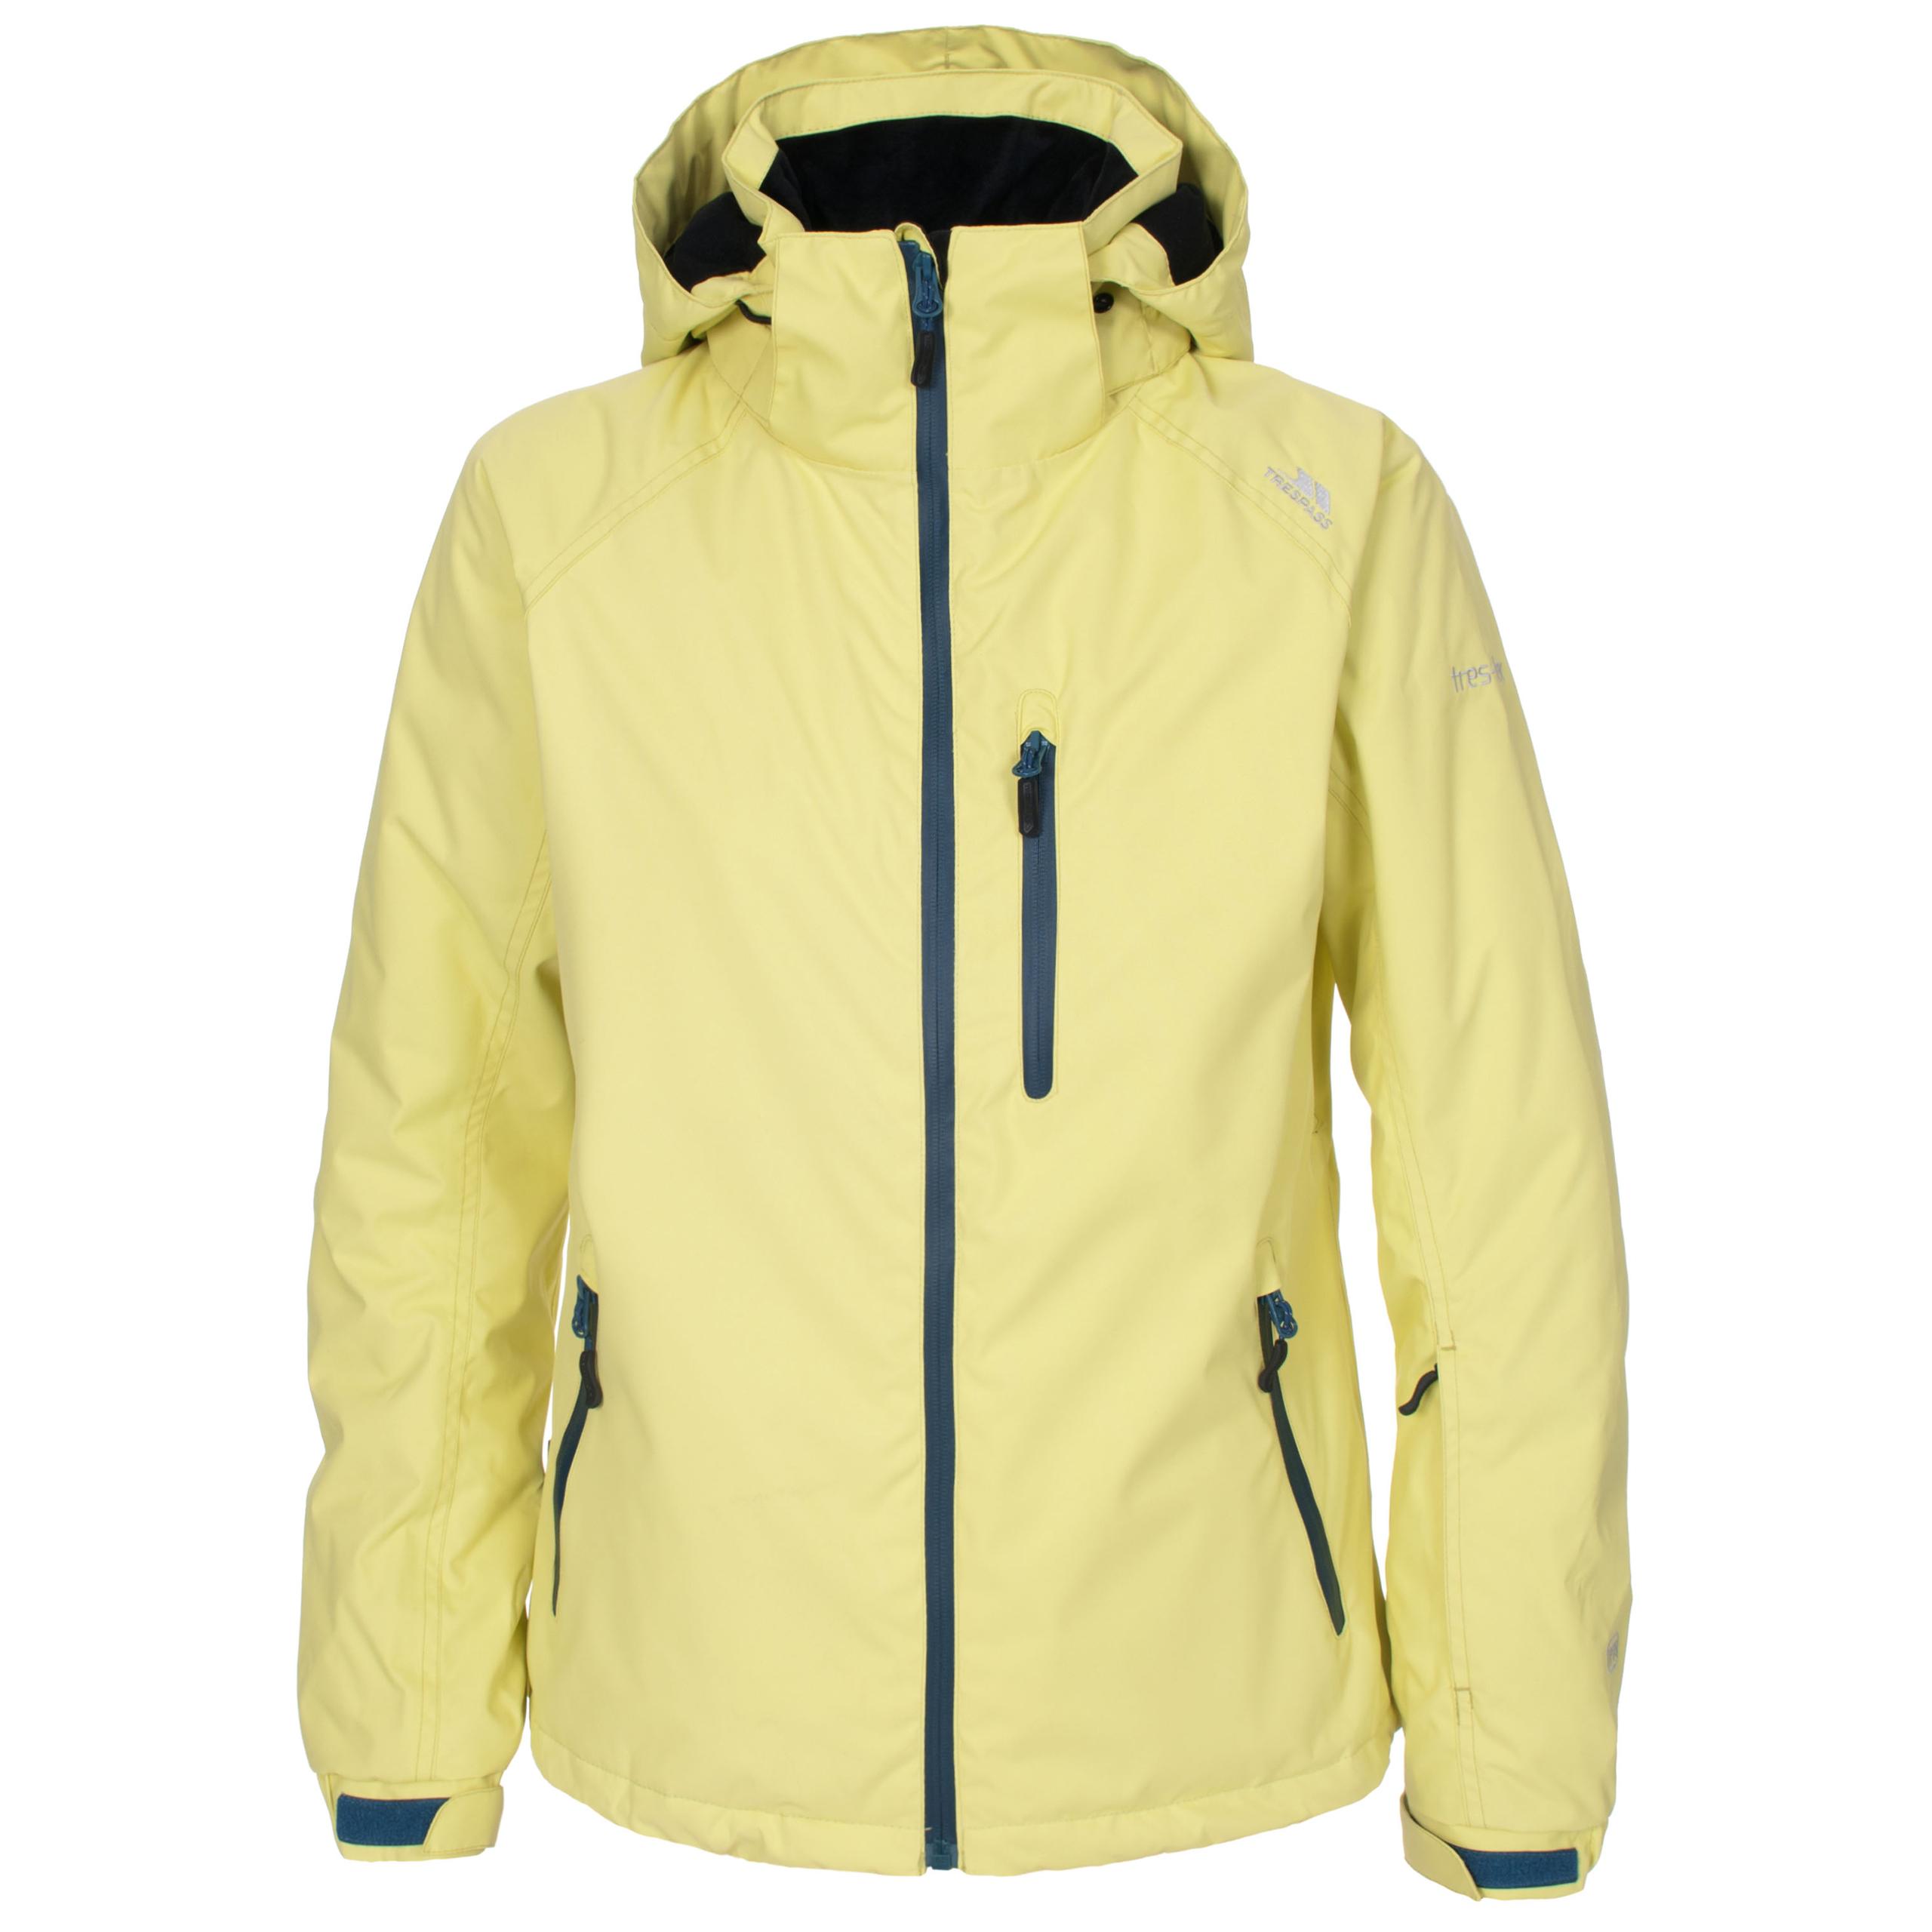 a5e46d9b3a Jara Women s Ski Jacket - Black